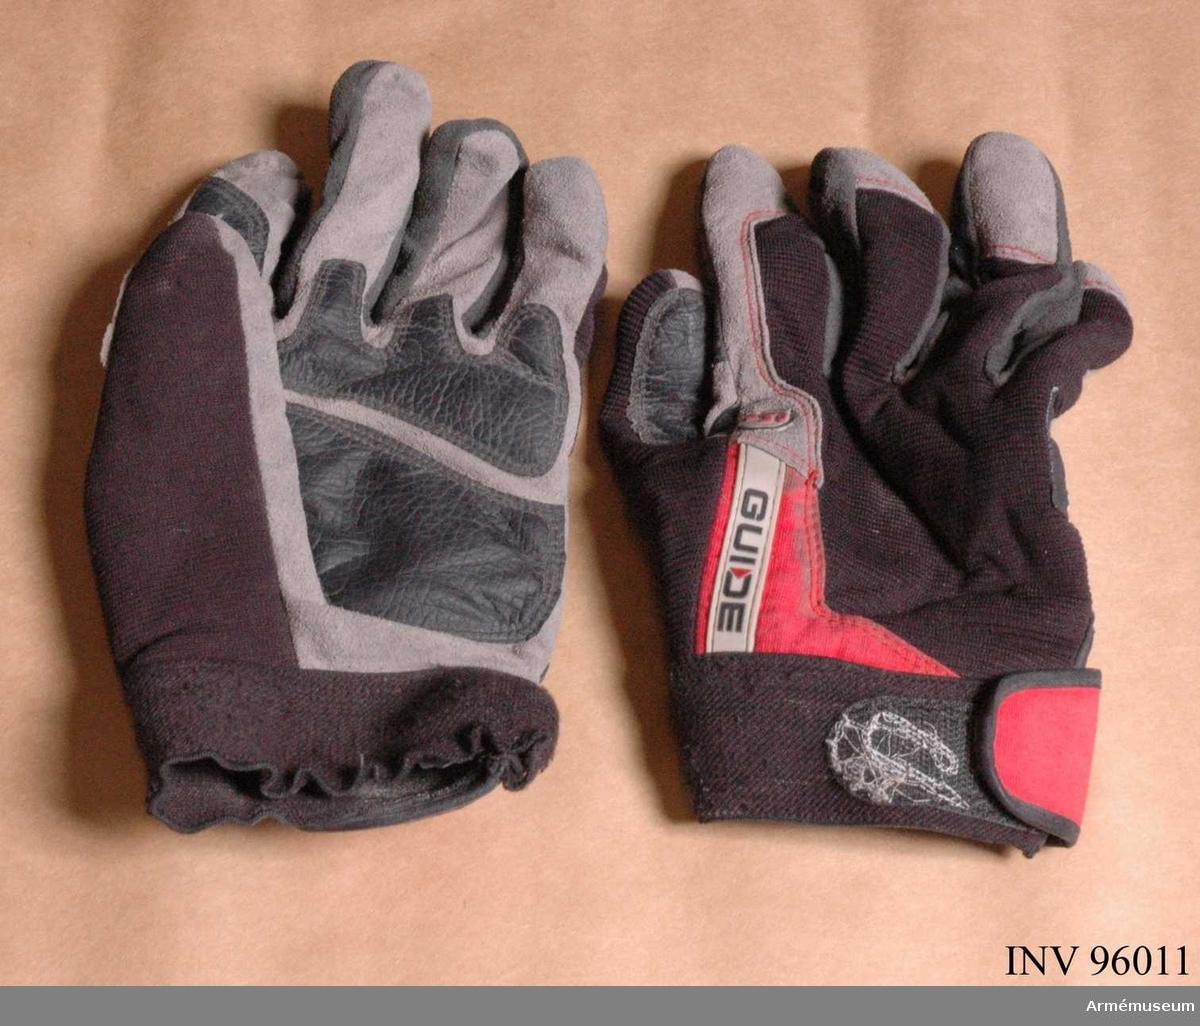 """Tillverkade i trikå, mocka och skinn. Av märket """"Guide"""", märkta """"winter"""". Höger handske av storlek 10 och vänster av storlek 11. Ligger i väska numer två från höger i kroppsskyddet (AM.096007)."""